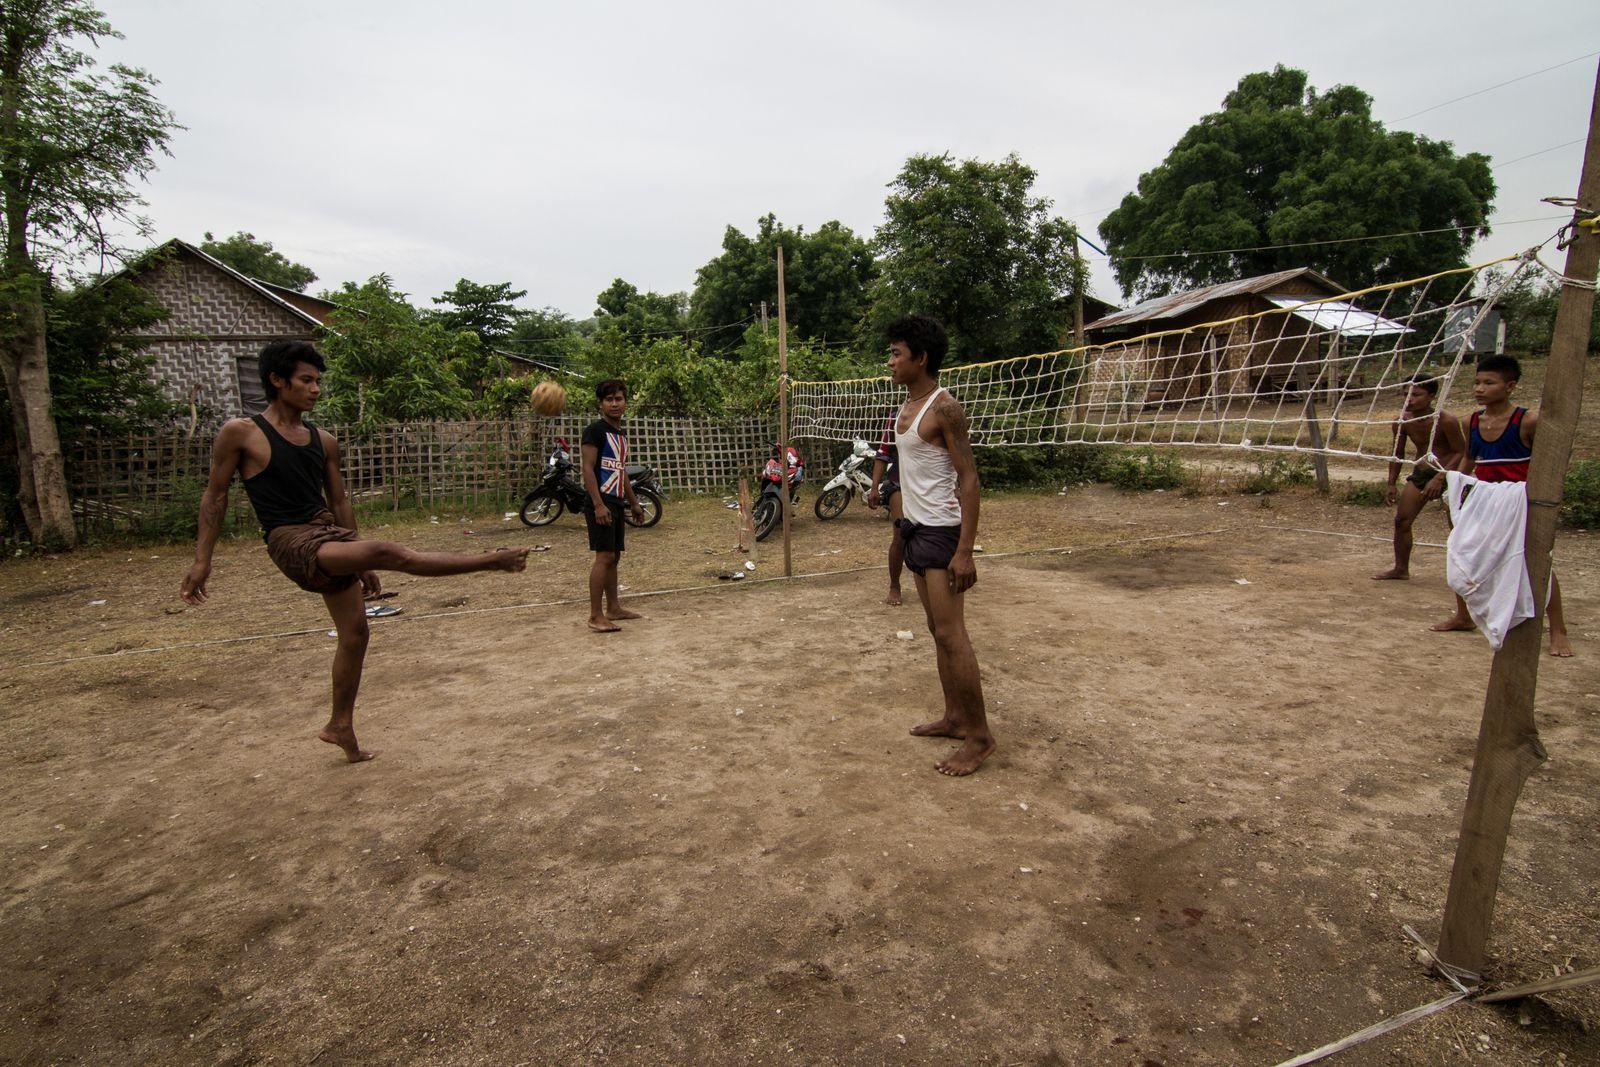 2014: MYANMAR - Mandalay